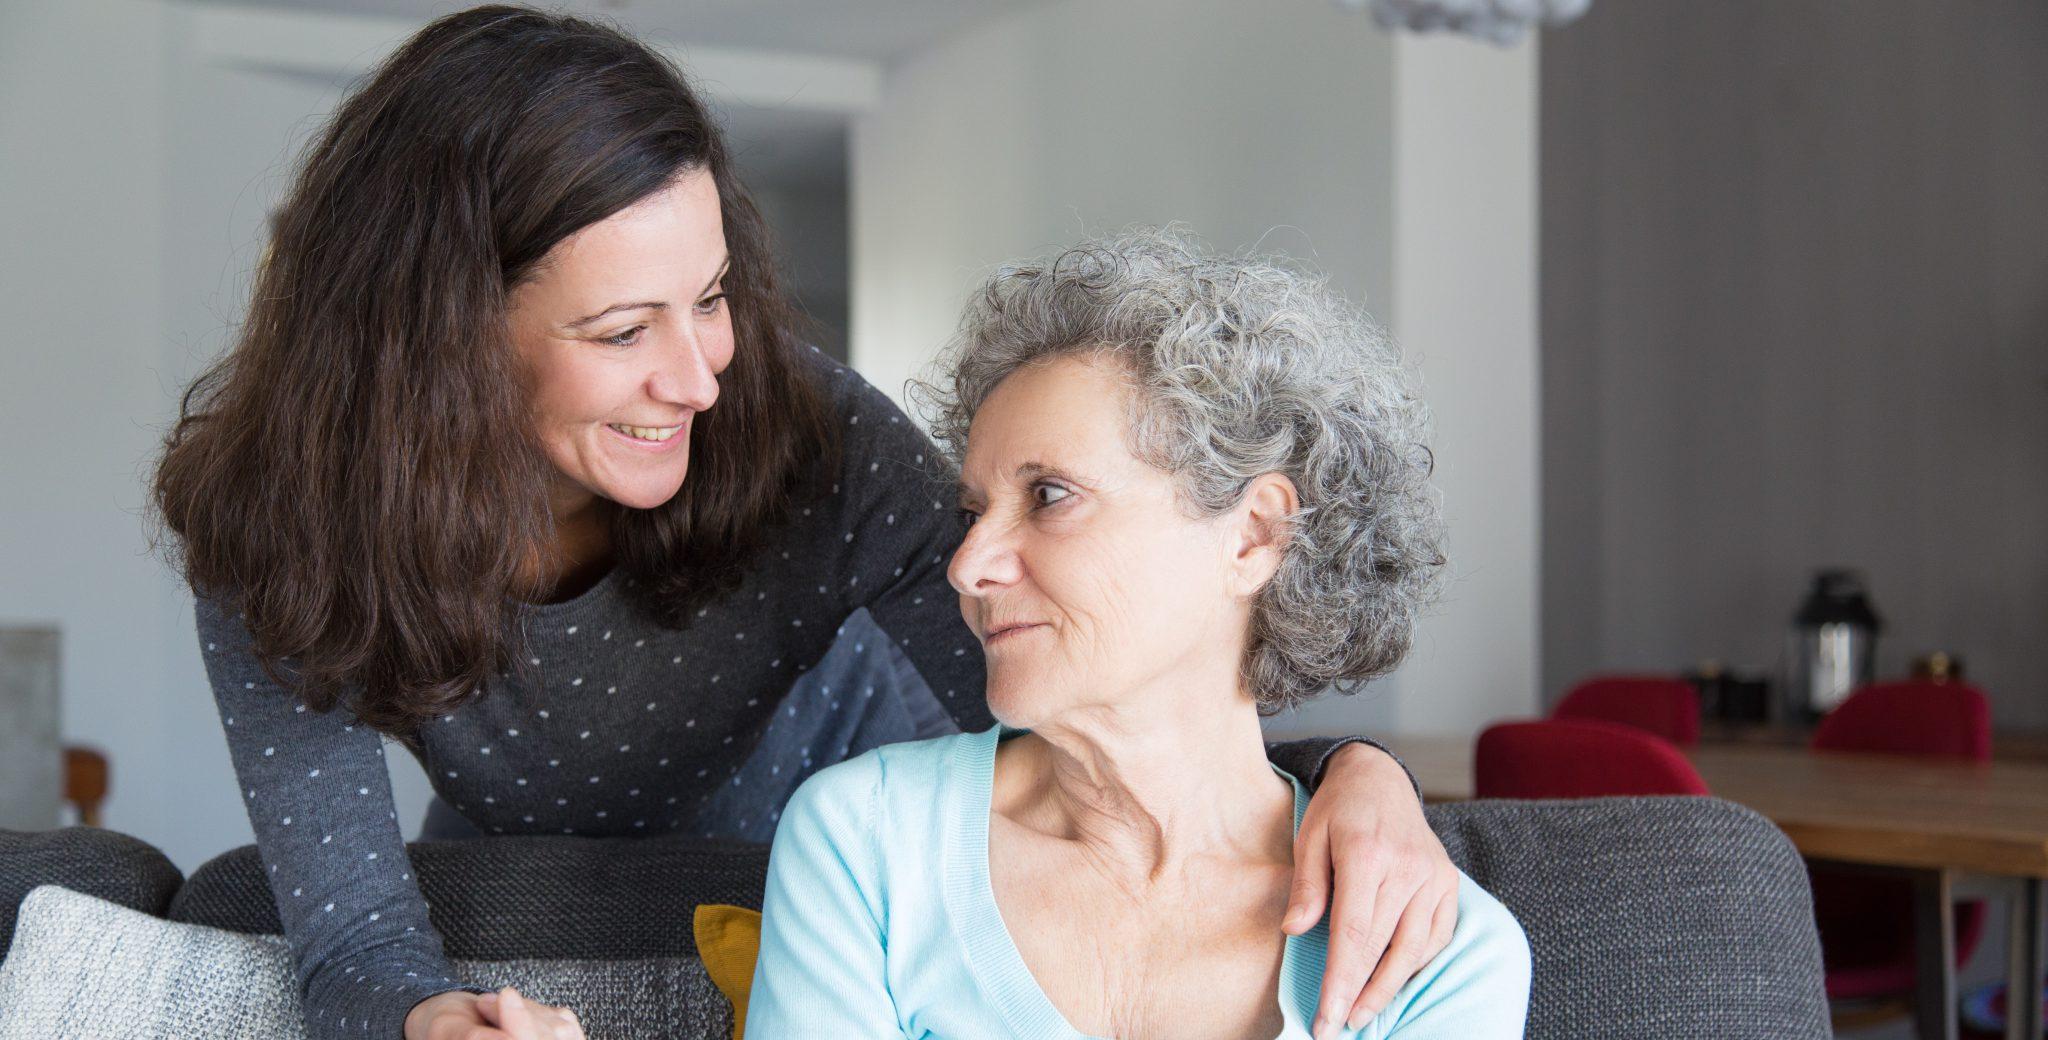 Holesterol ključen za Alzheimerjevo in sladkorno bolezen